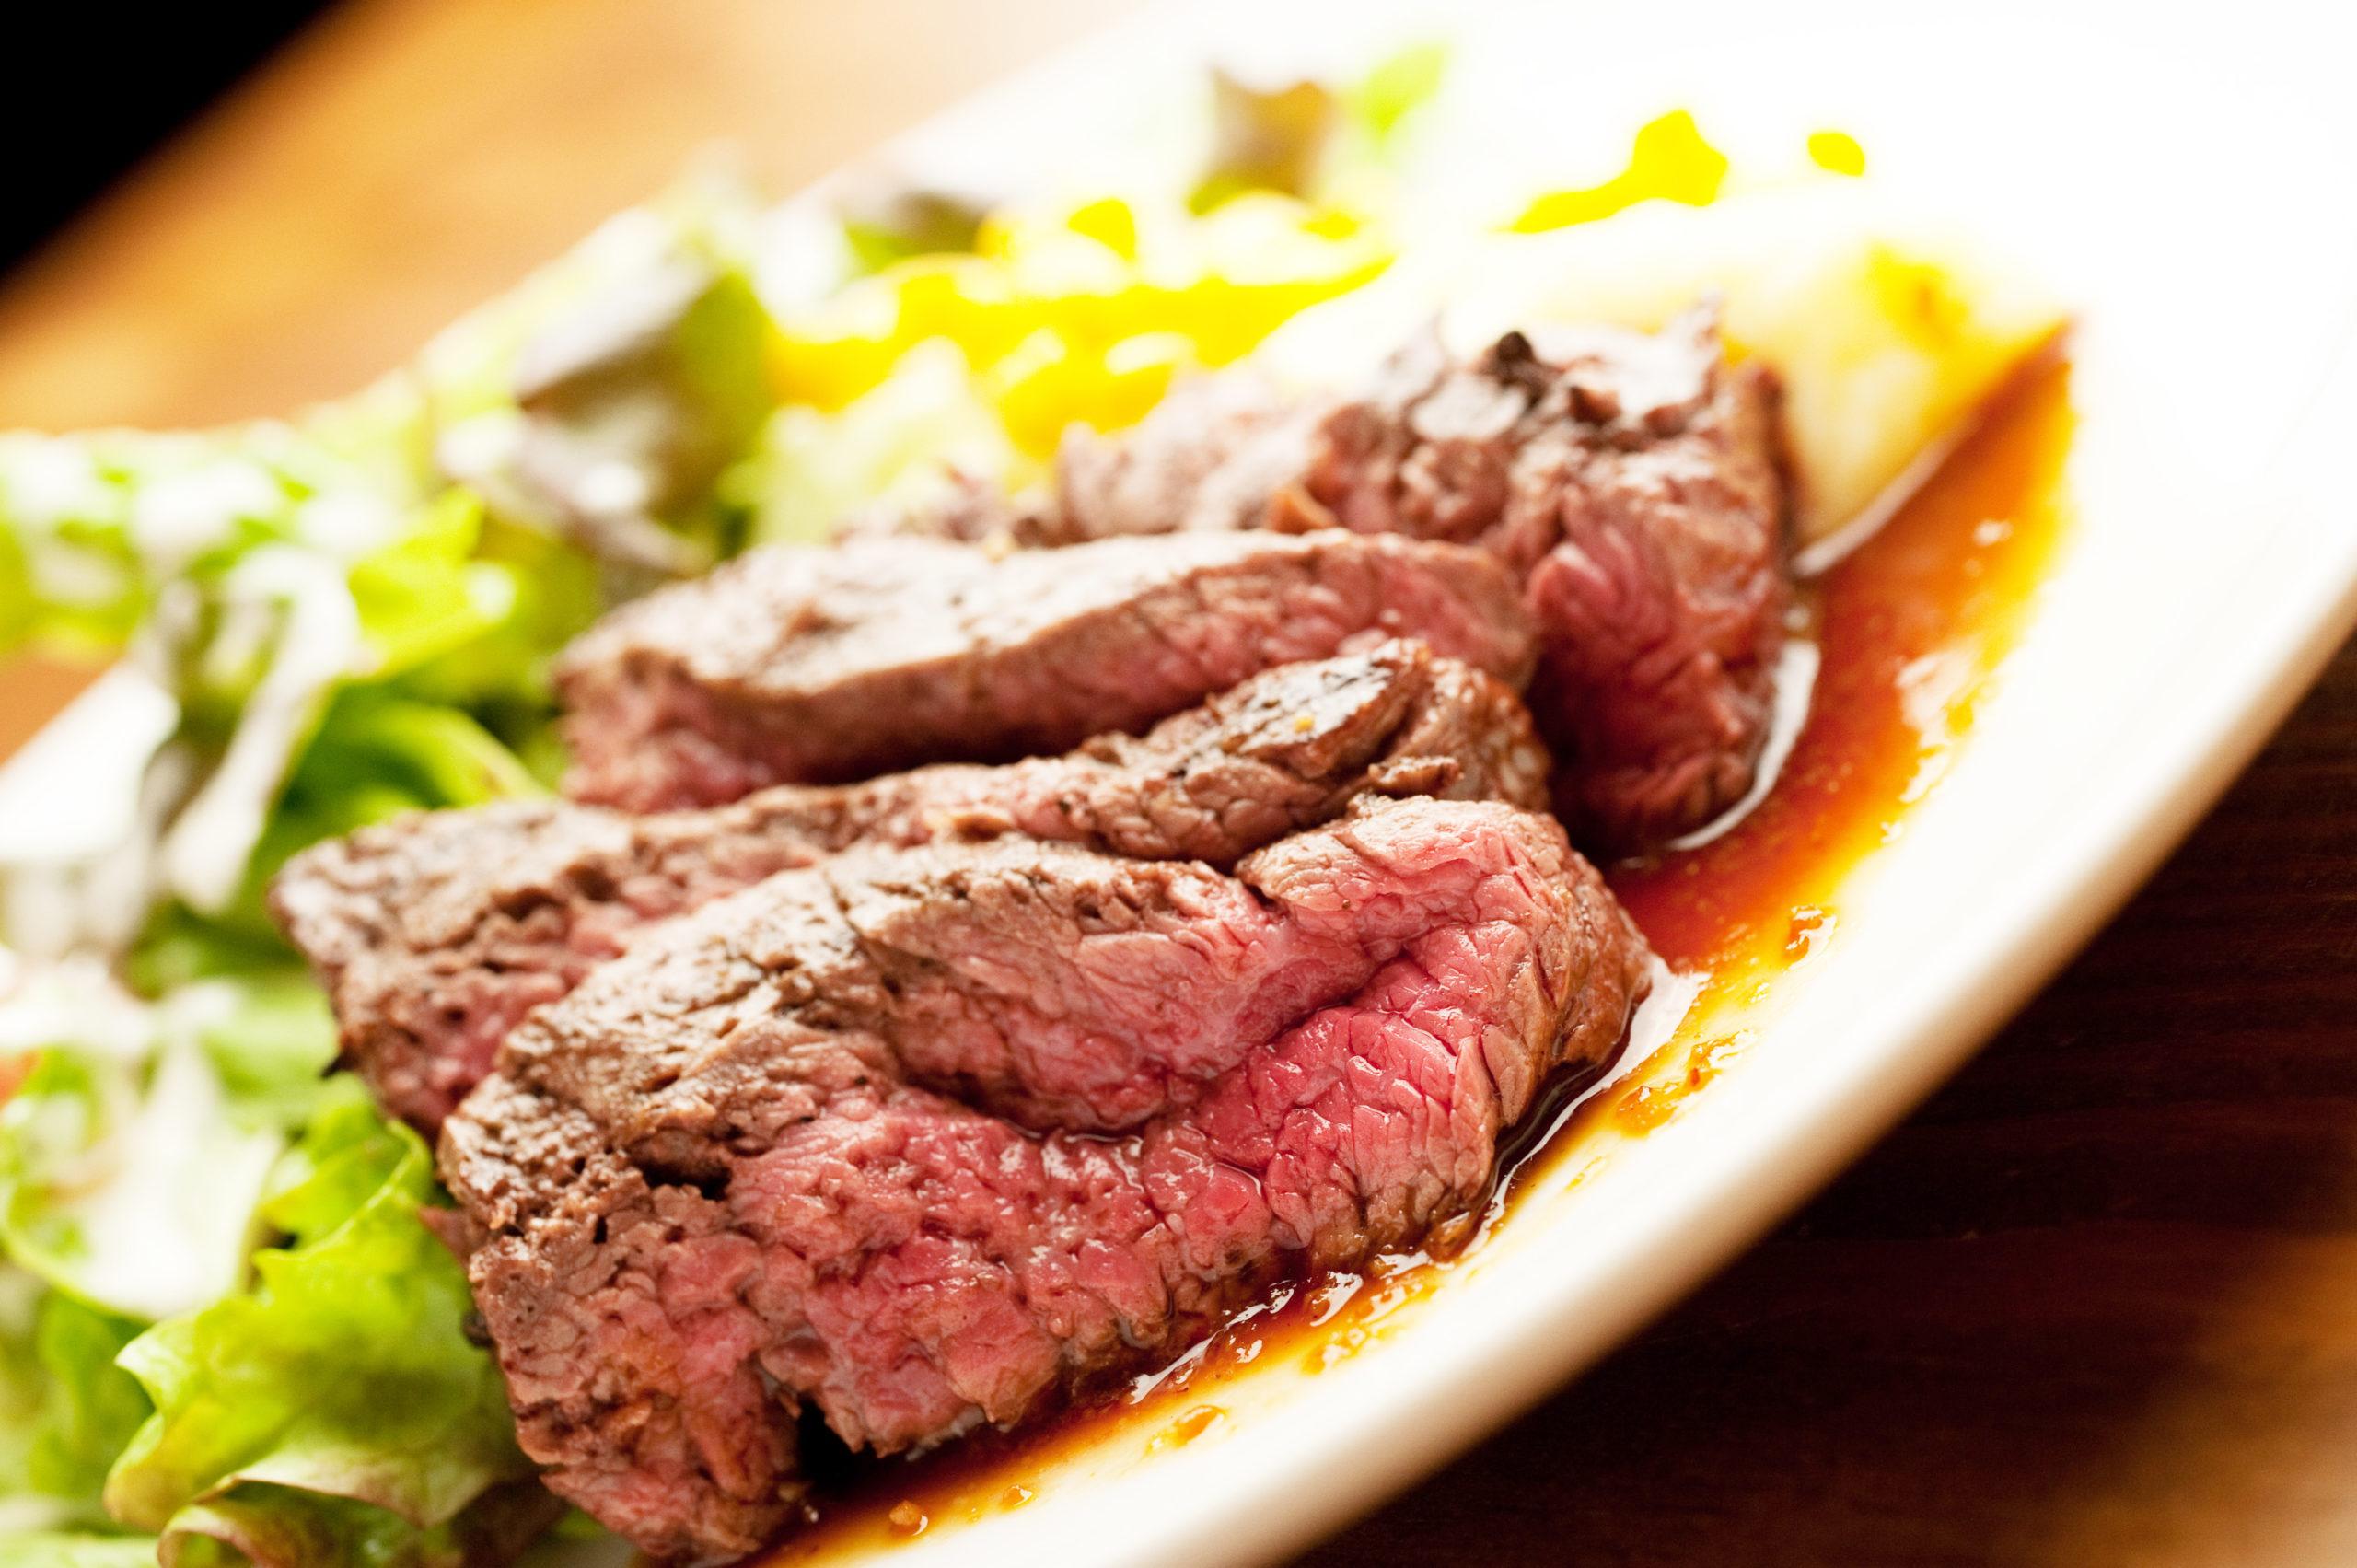 持って帰っても美味しいステーキのテイクアウトメニュー